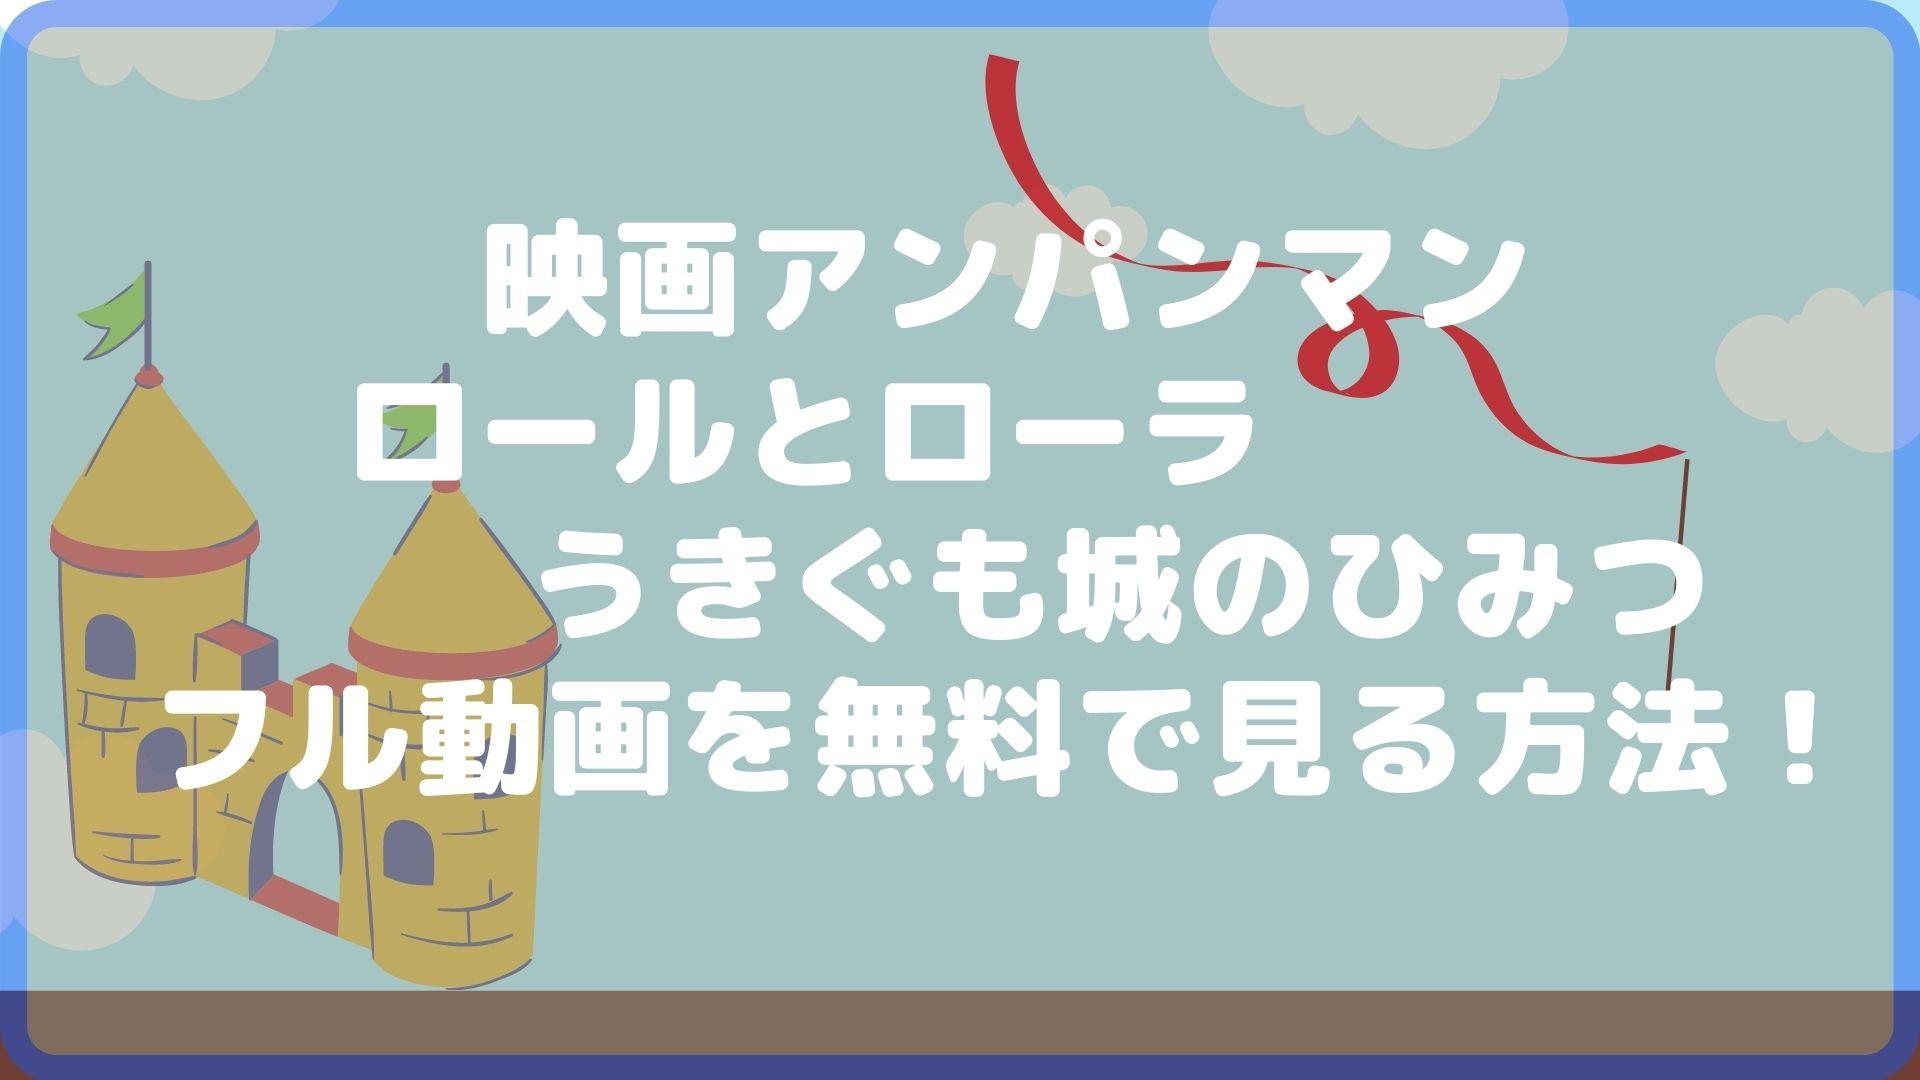 映画アンパンマンロールとローラうきぐも城の秘密動画を無料で見る方法タイトル画像